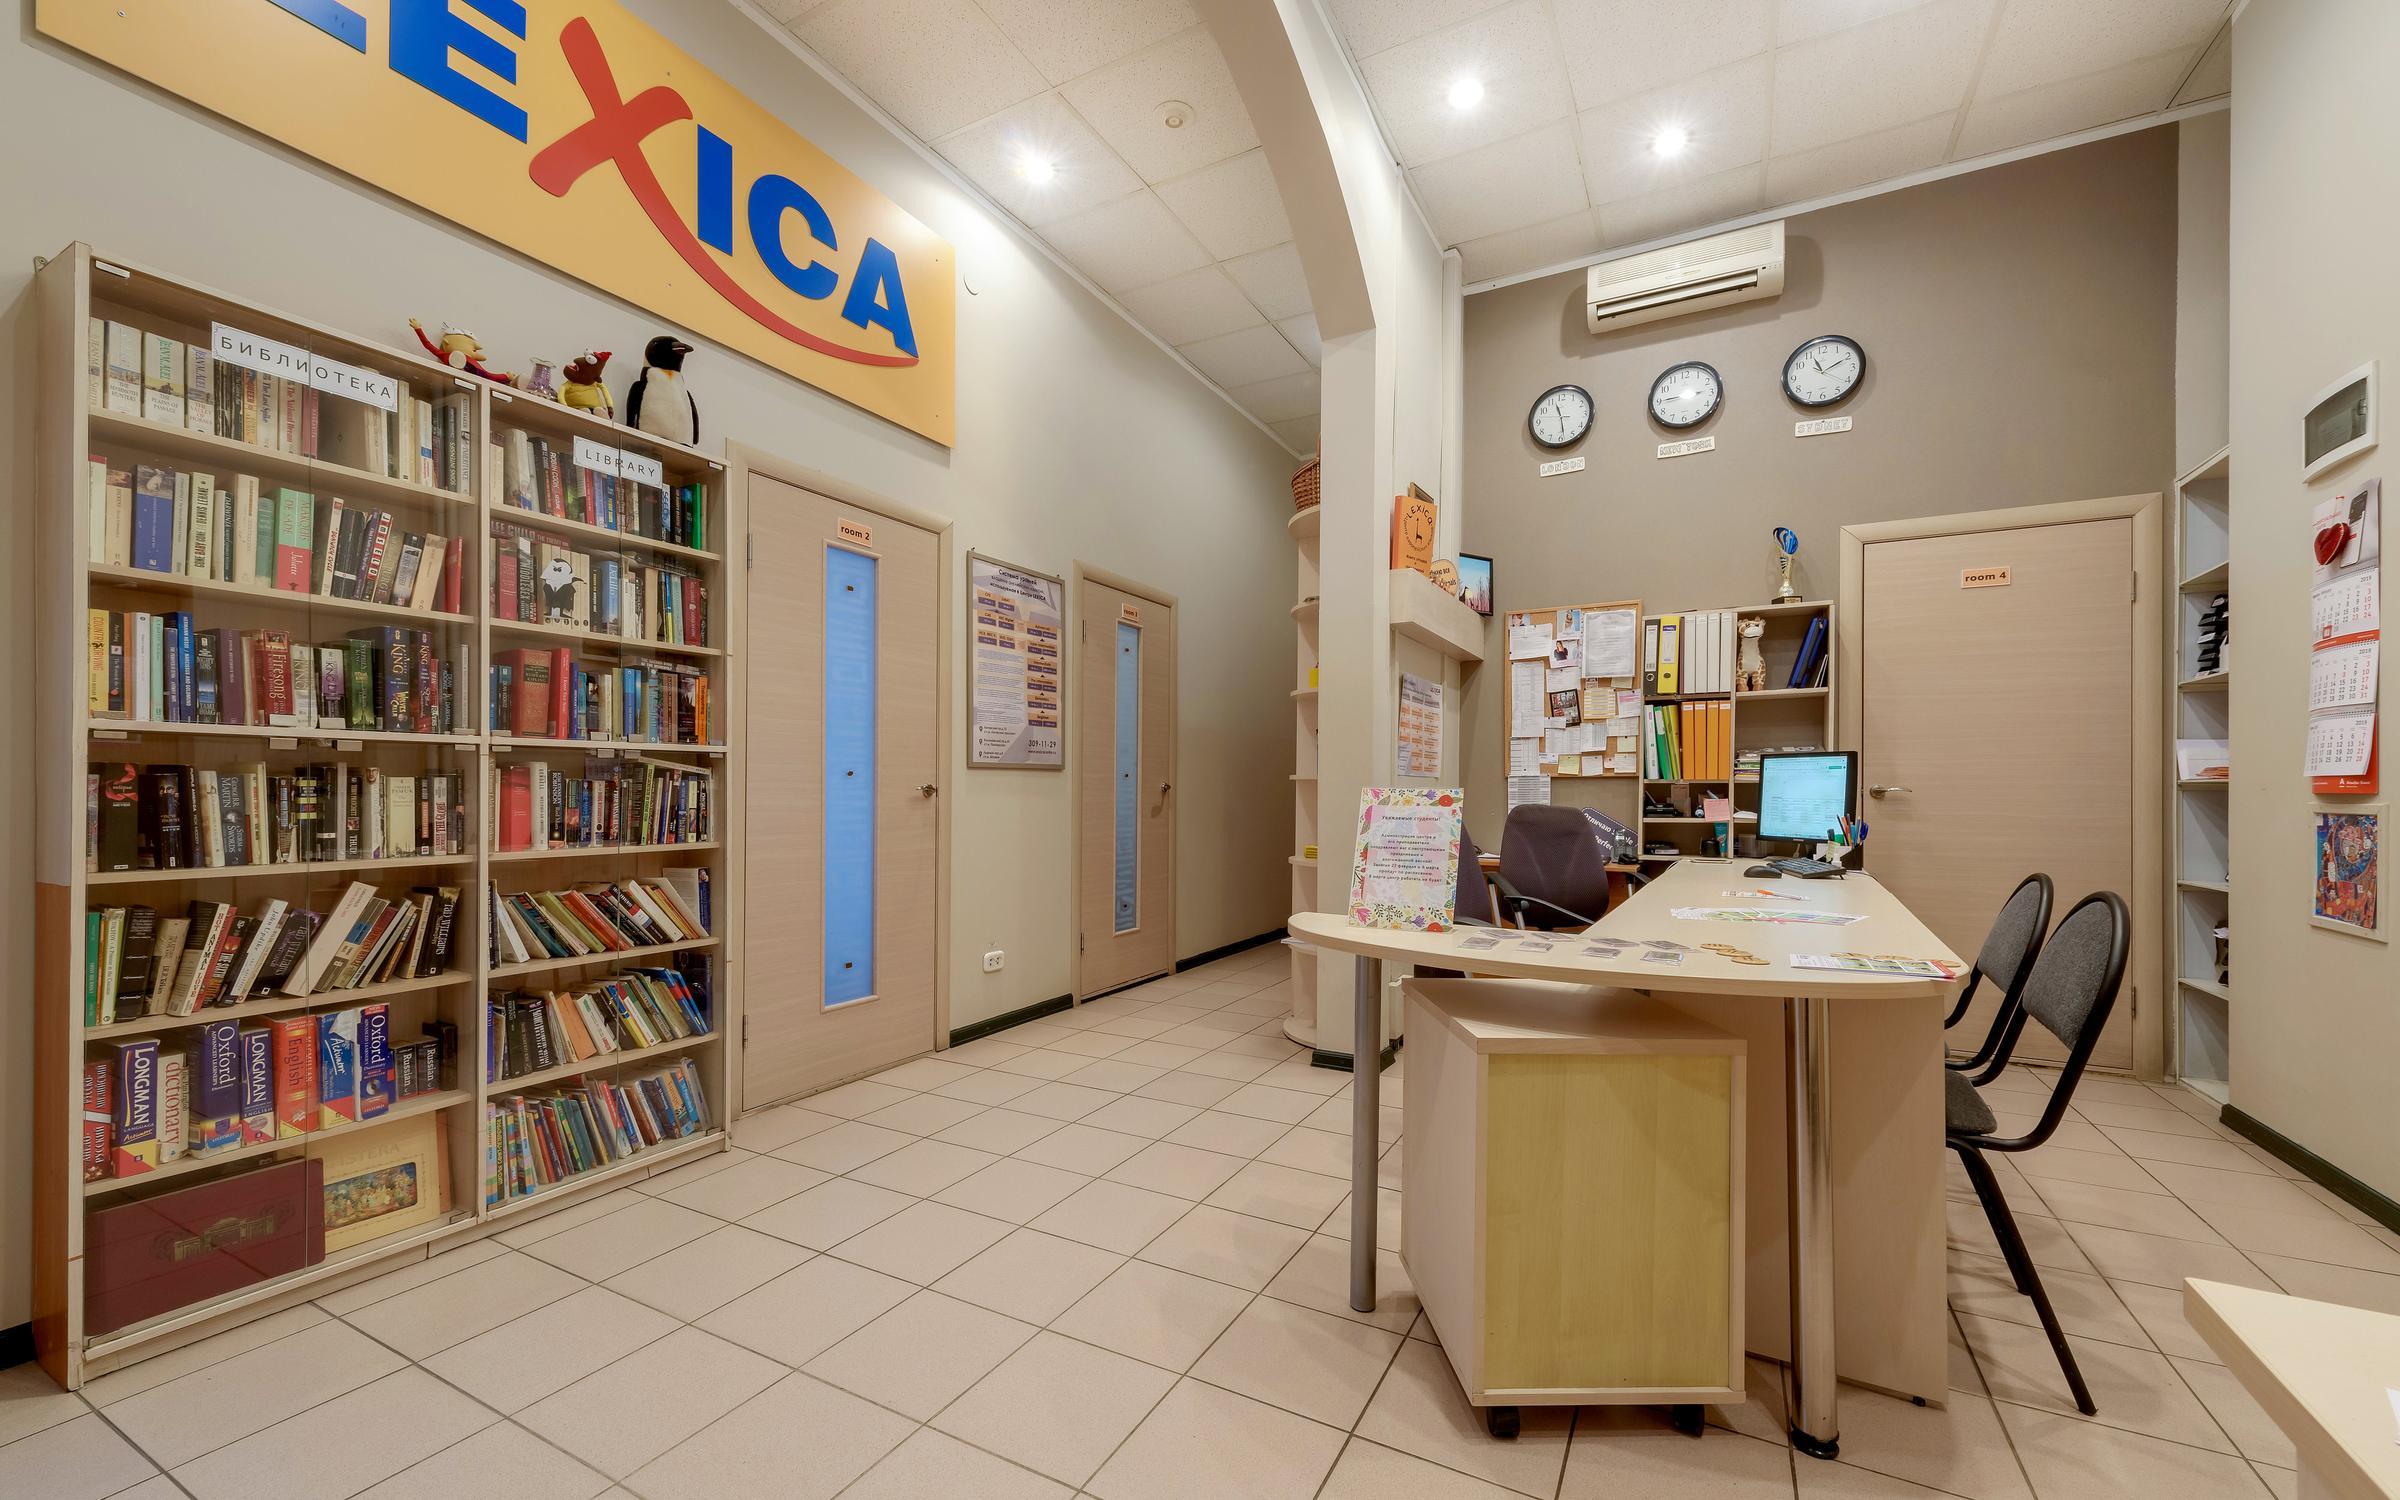 фотография Центра изучения европейских языков Lexica на Лиговском проспекте